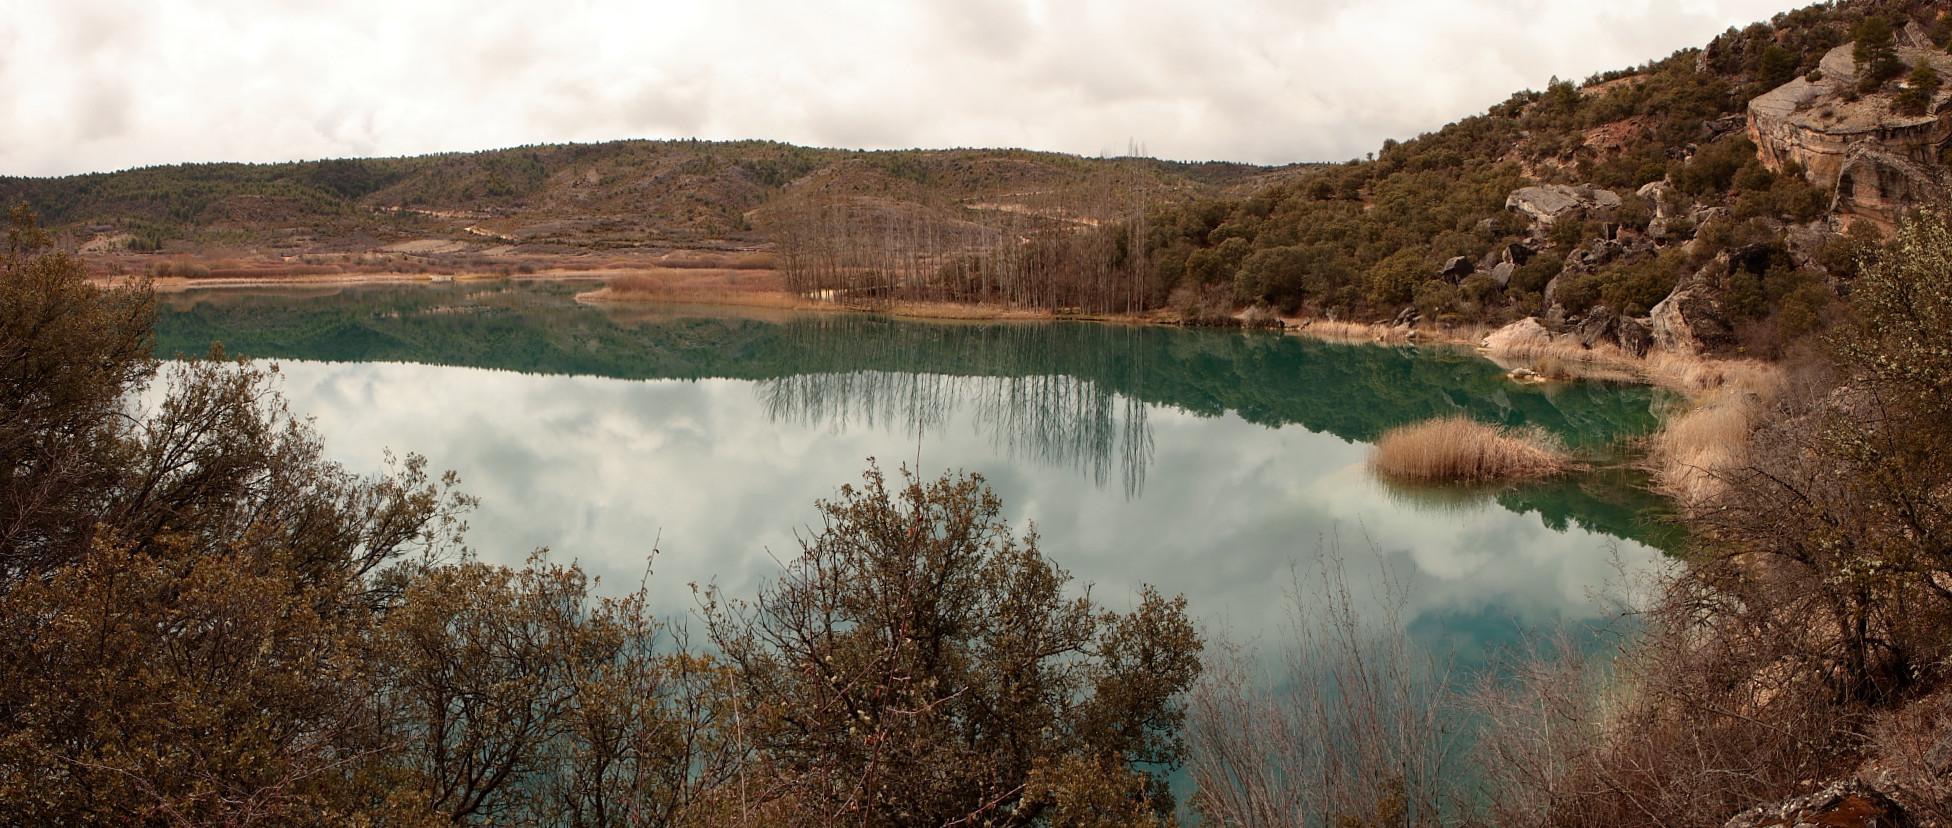 Laguna del Tobar 3